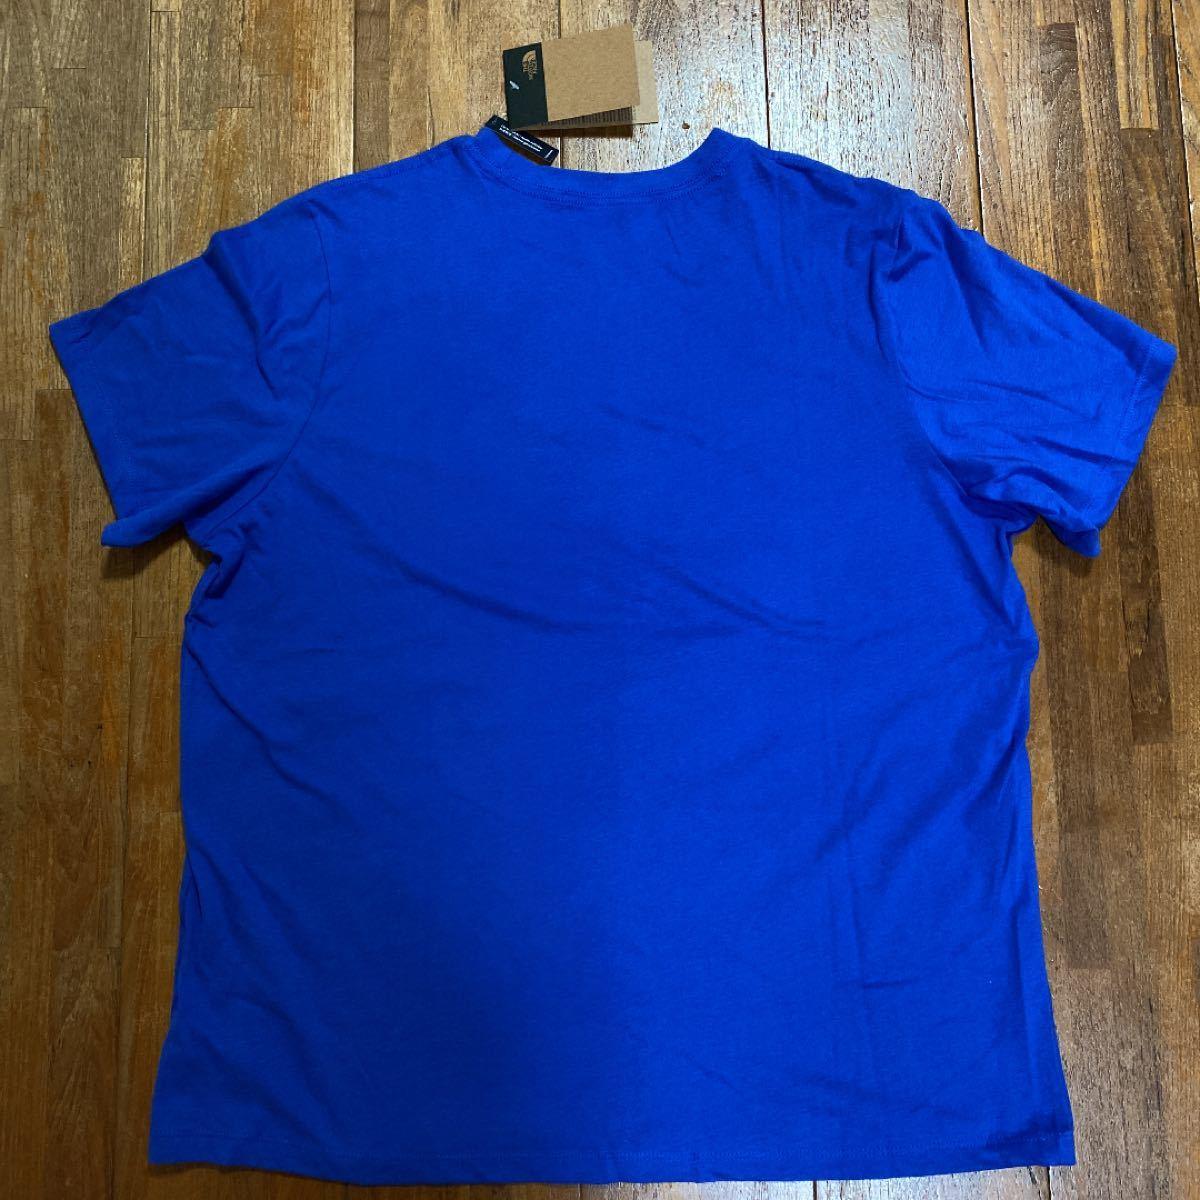 THE NORTH FACE 半袖Tシャツ ザノースフェイス  海外限定 男女兼用 ビッグロゴ Tee トップス Tシャツ ノース